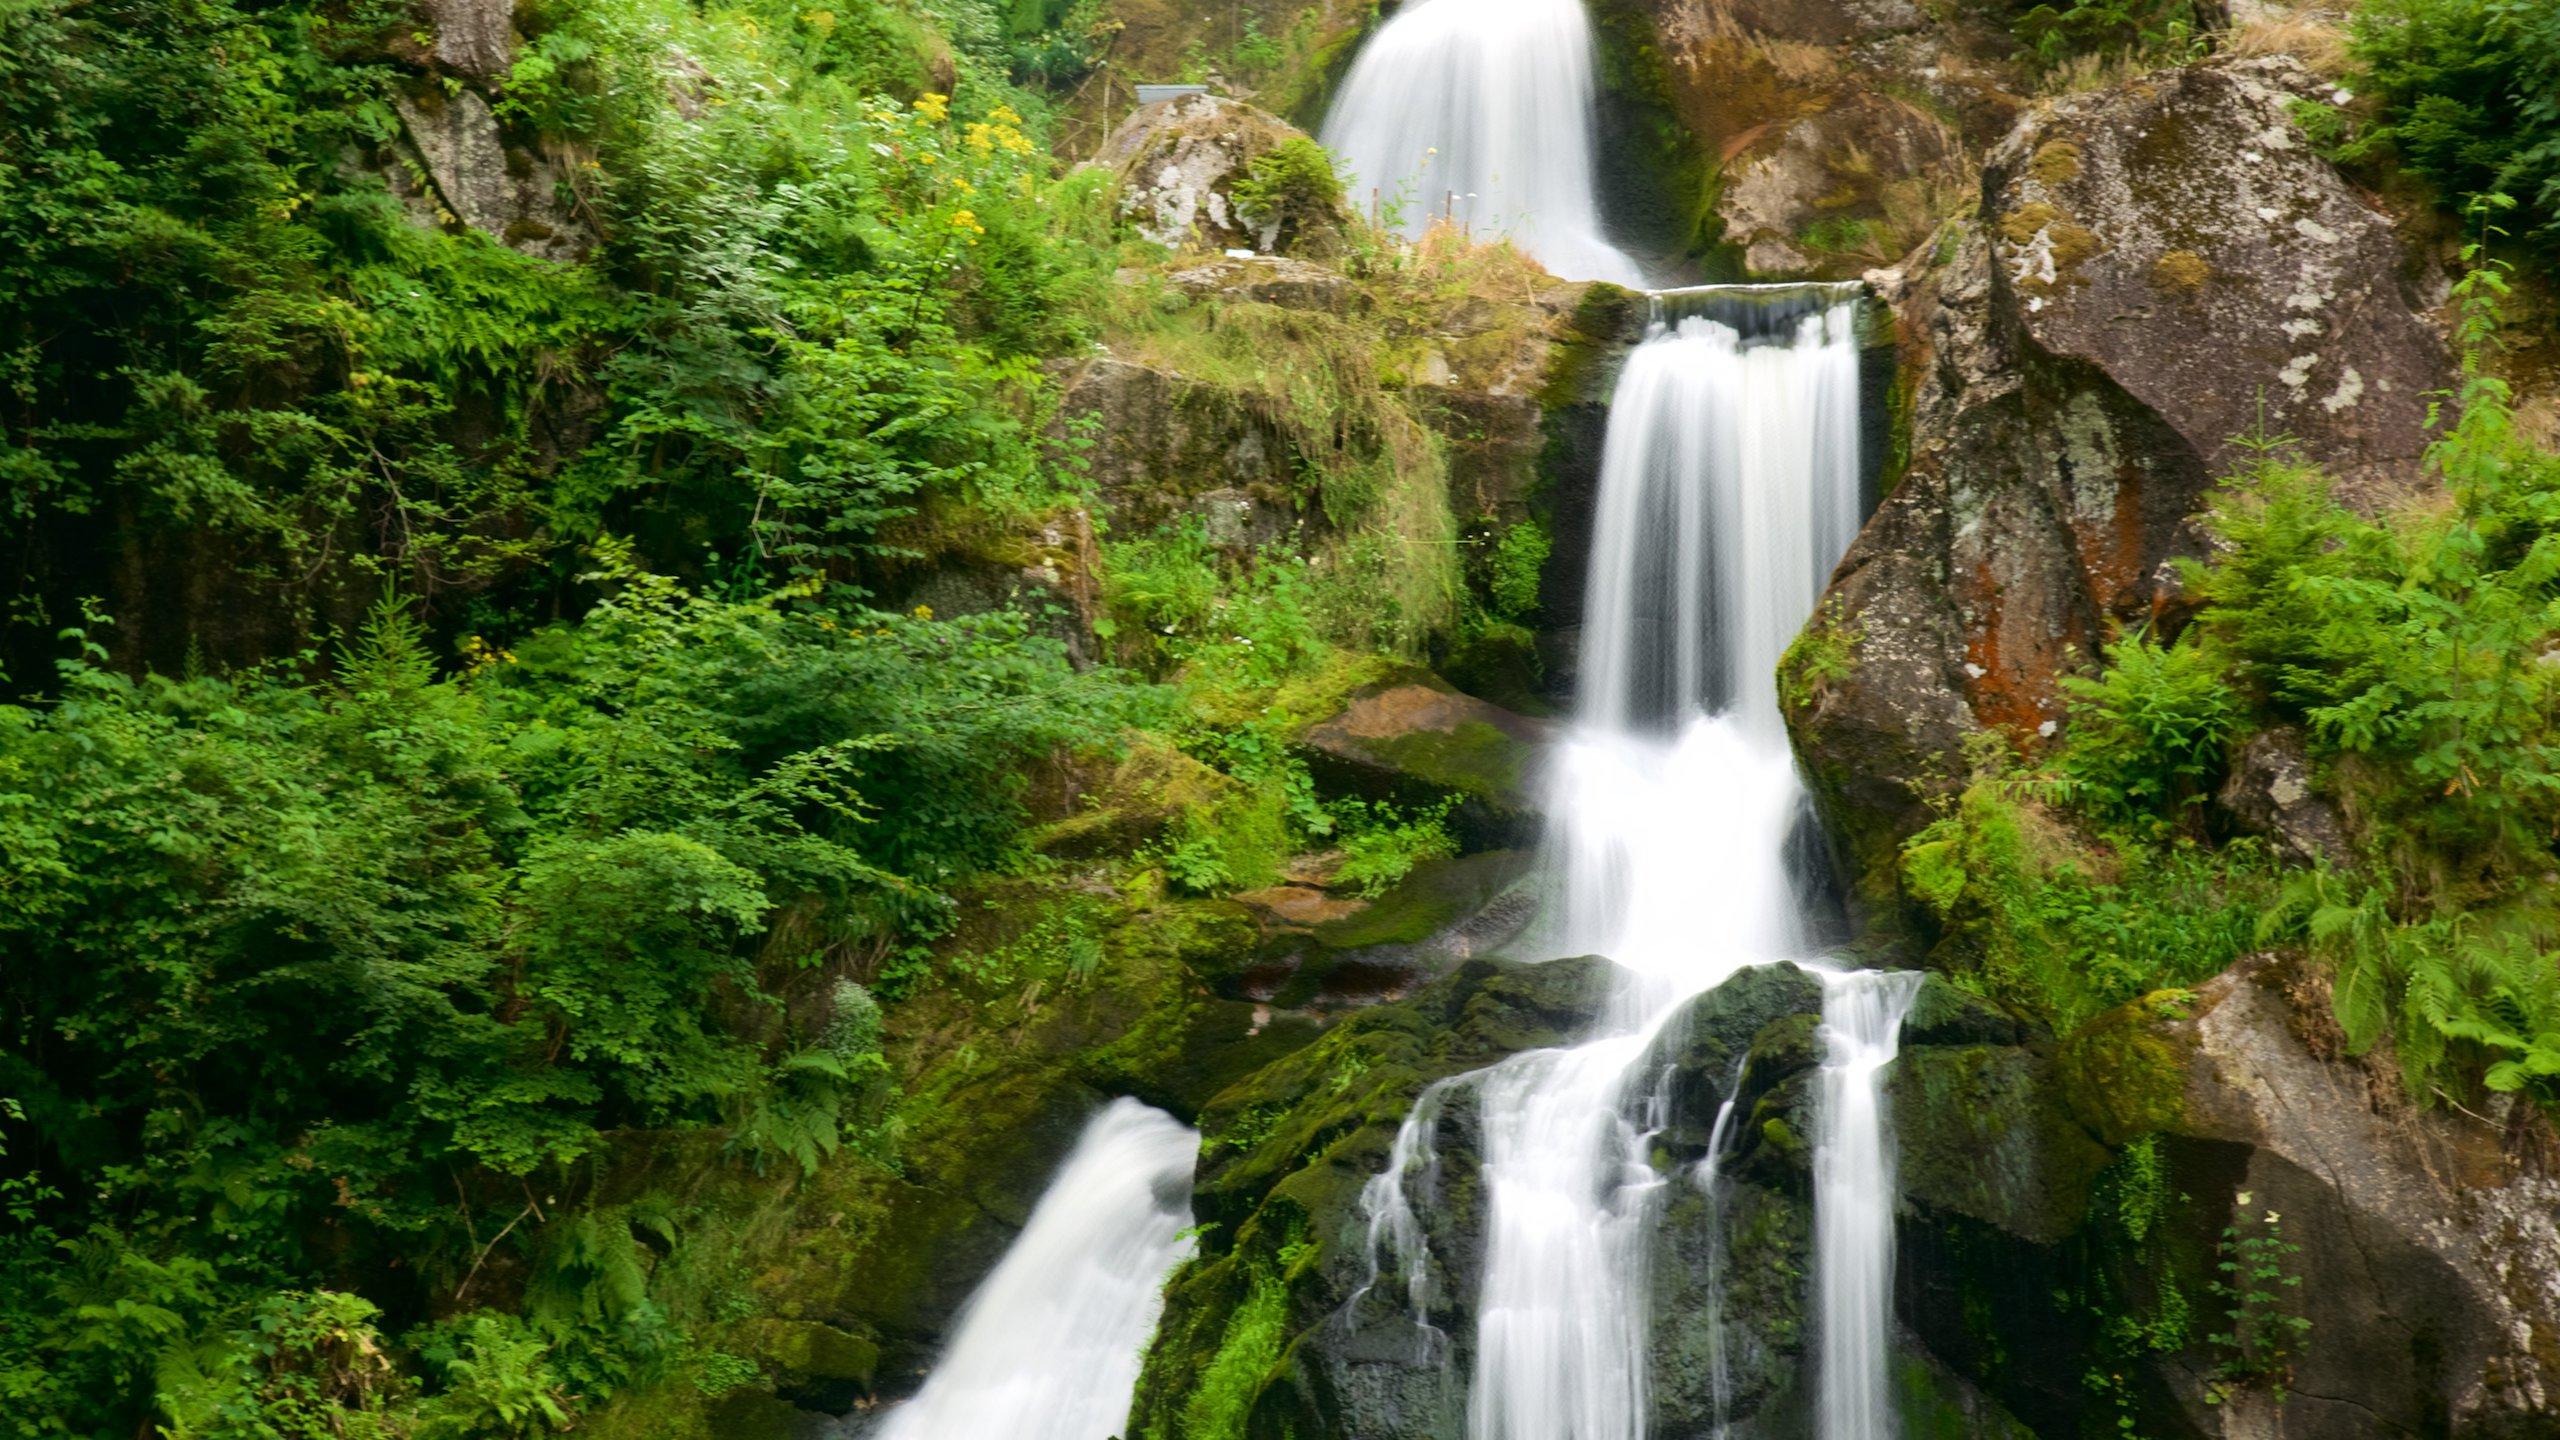 Triberg Waterfall, Triberg im Schwarzwald, Baden-Württemberg, Germany